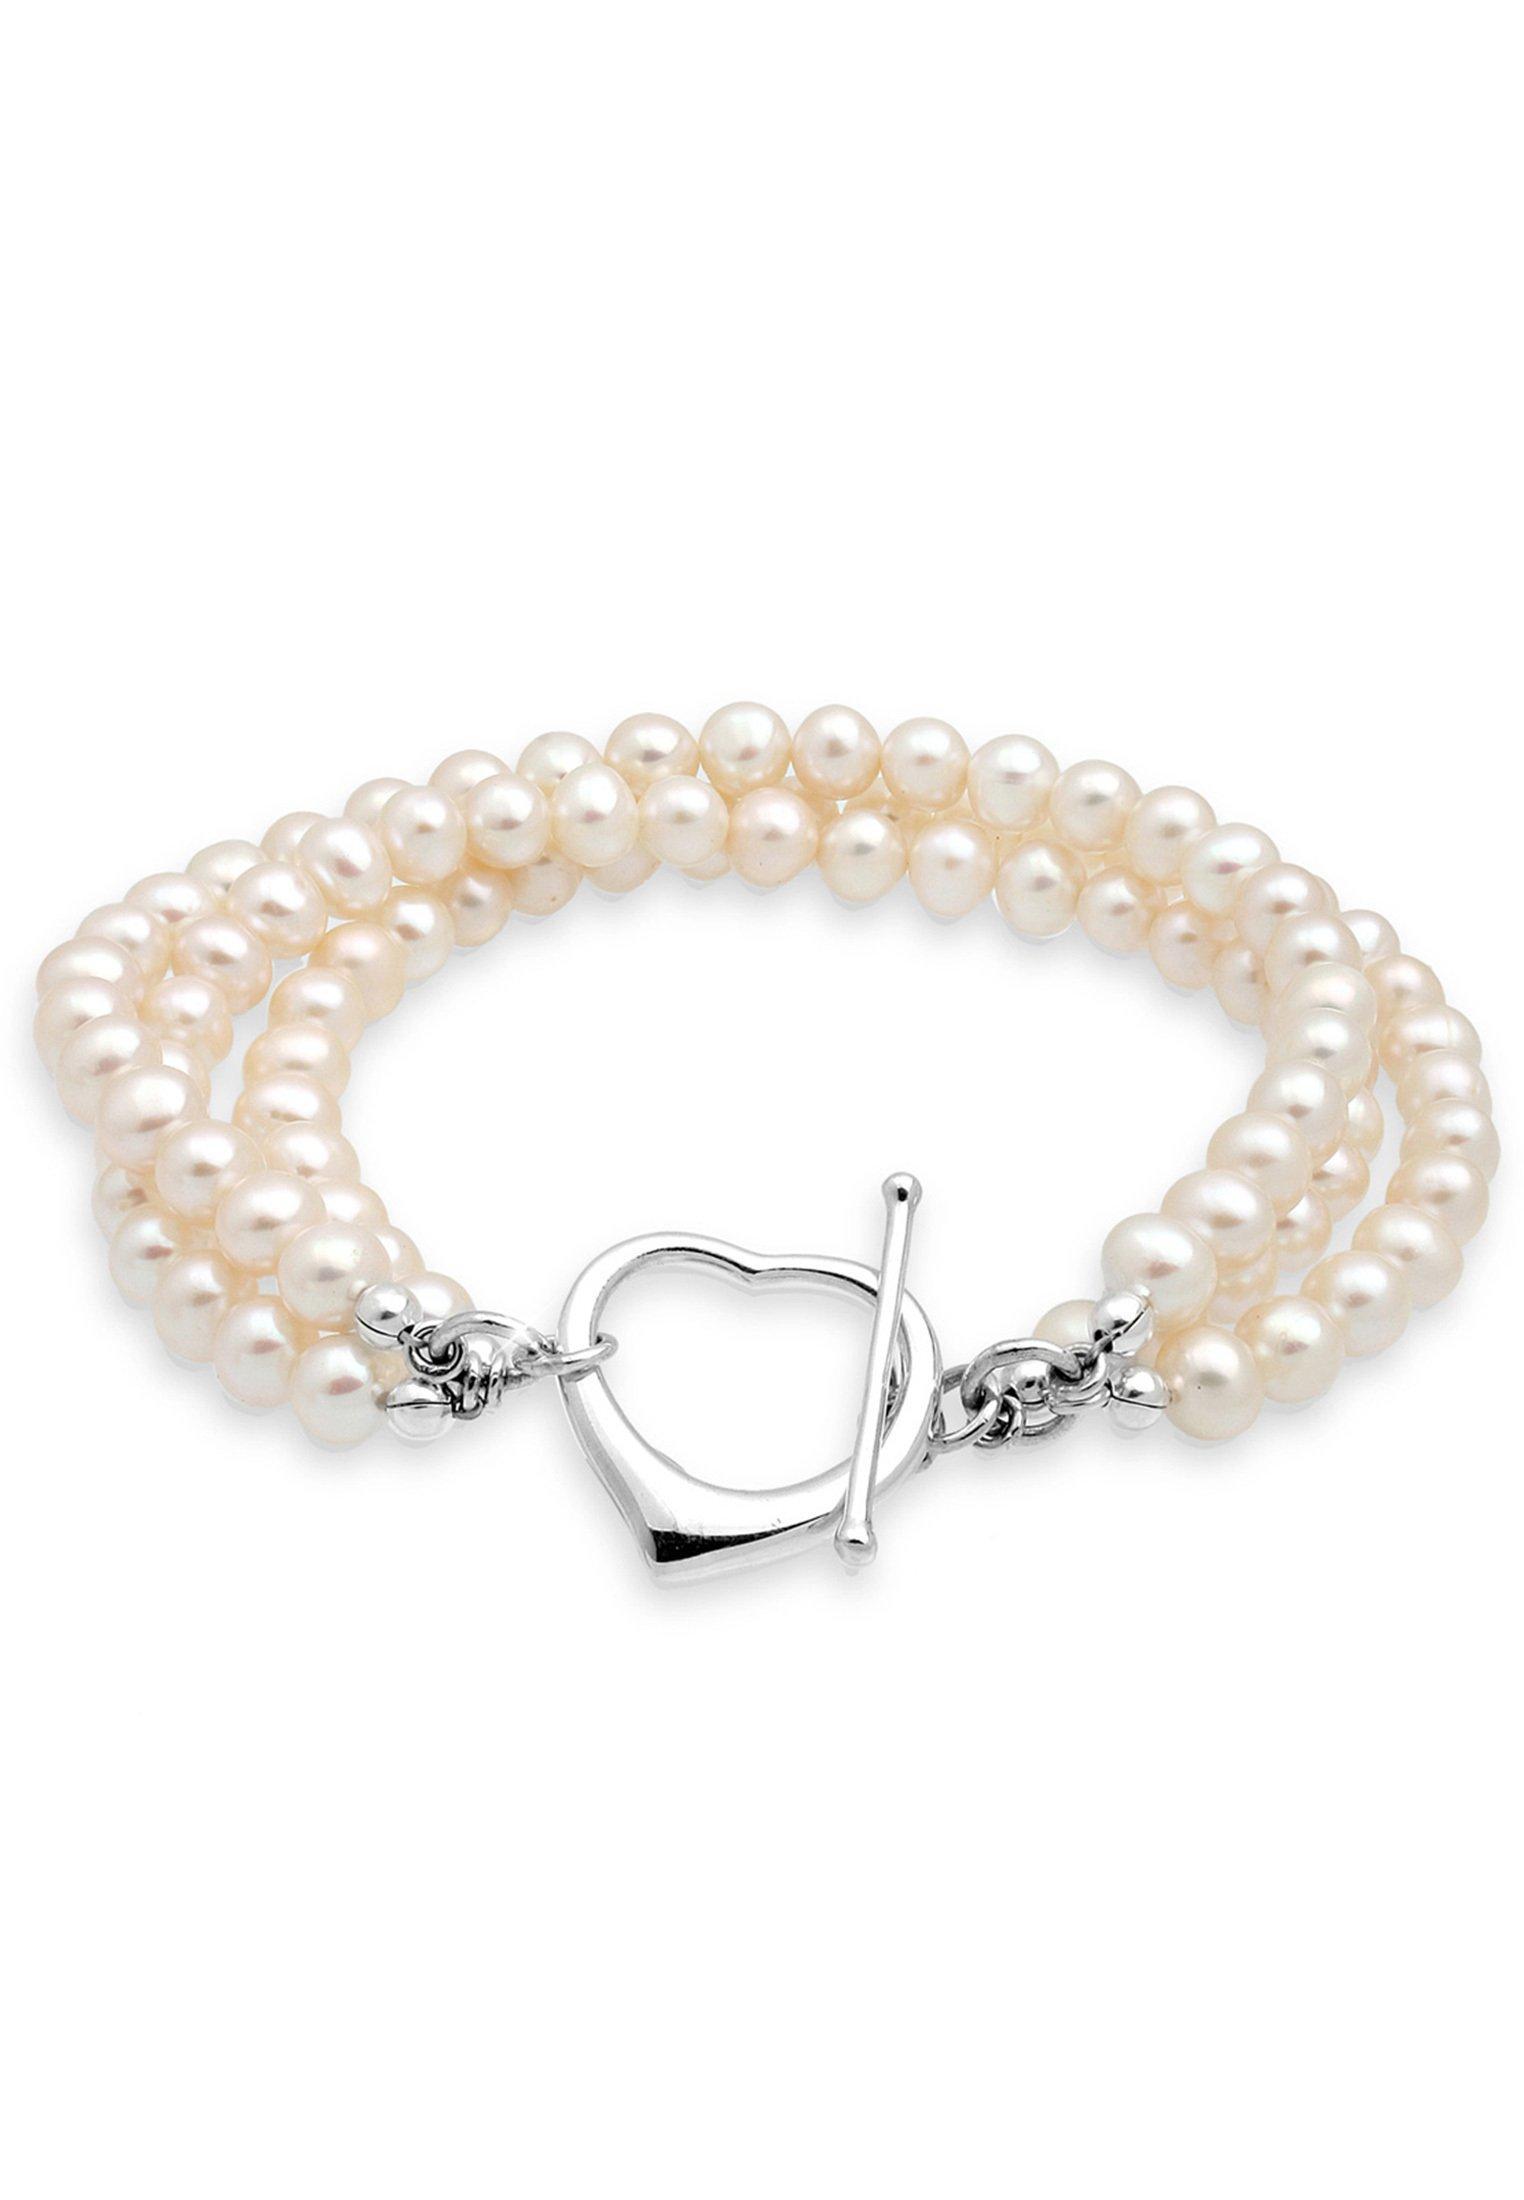 PERLU Perlenarmband Herz Süsswasserzuchtperlen 925 Silber